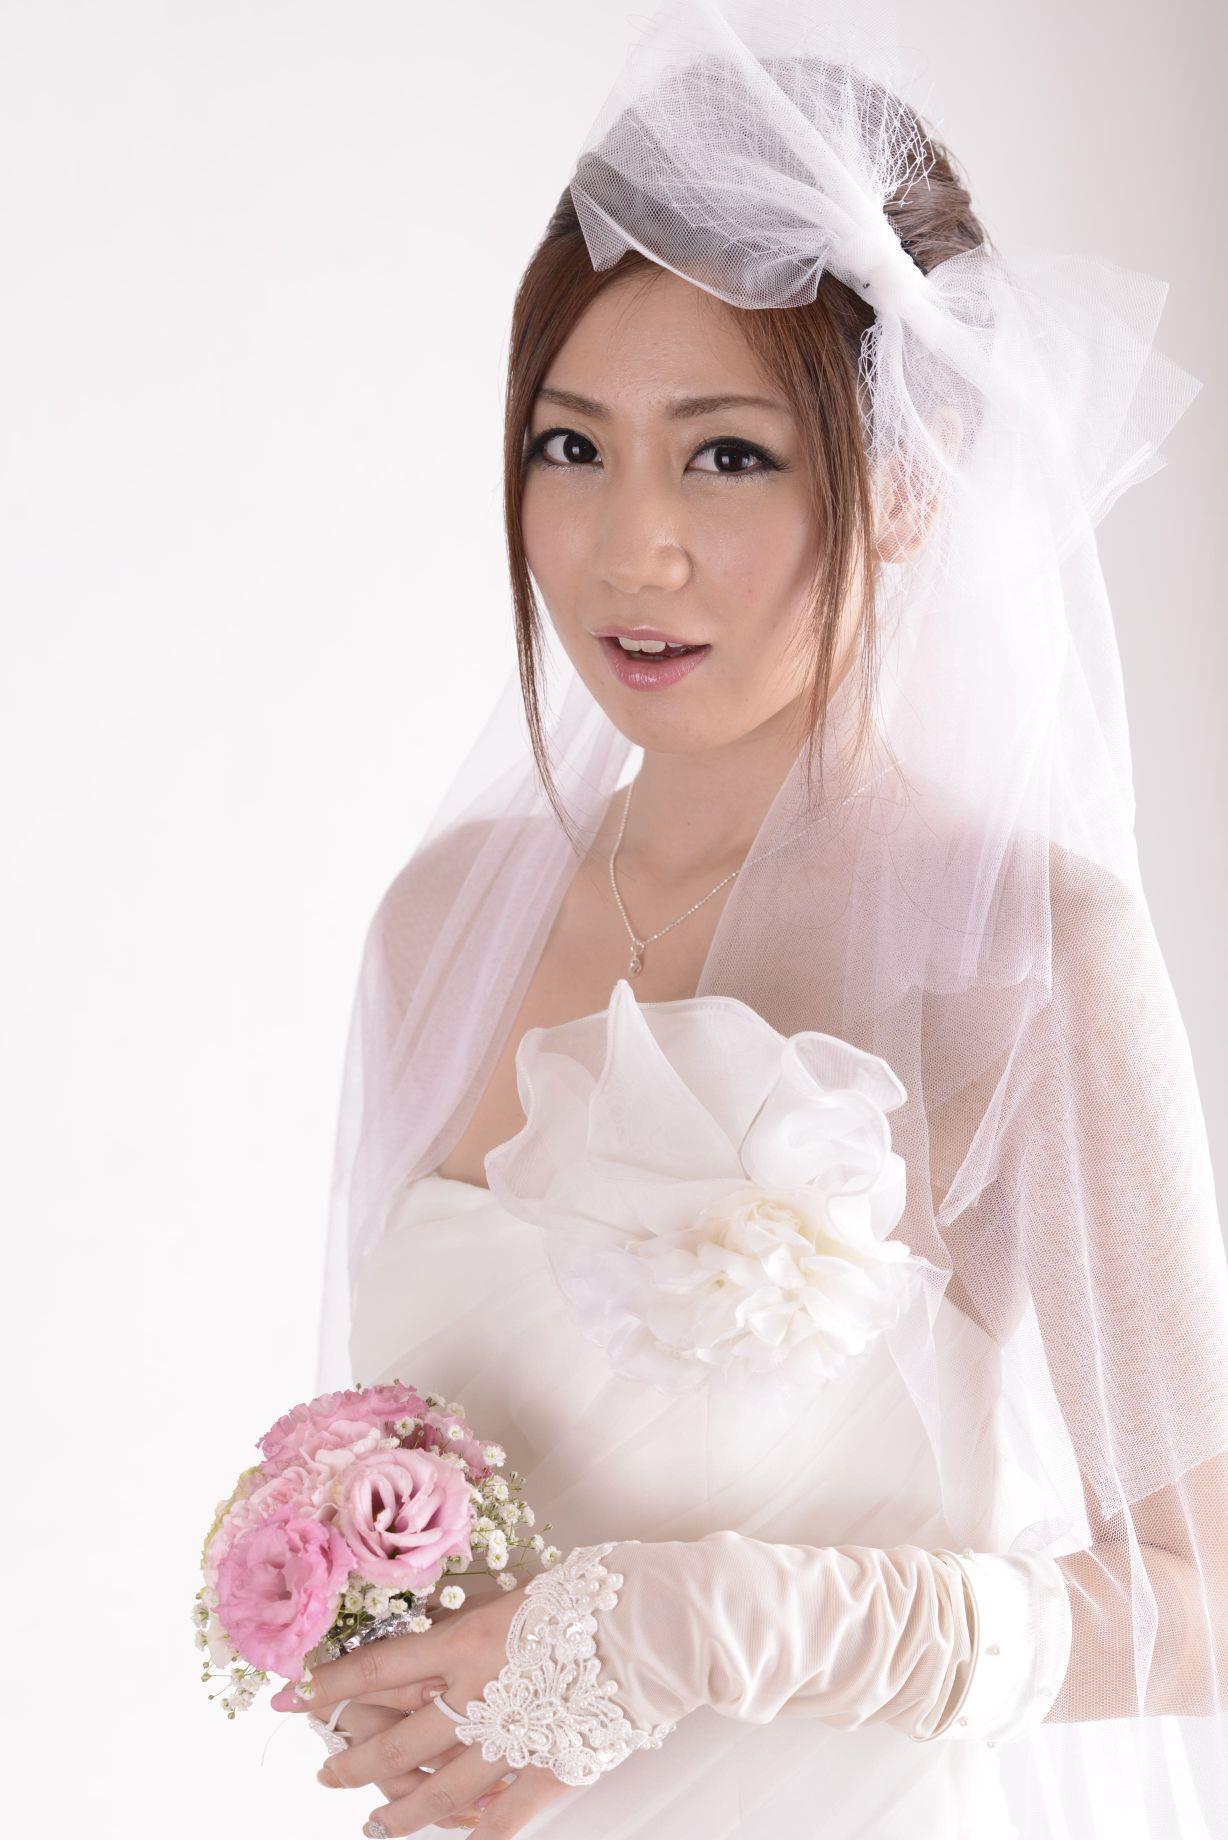 前田かおり ウェディングドレス画像 23